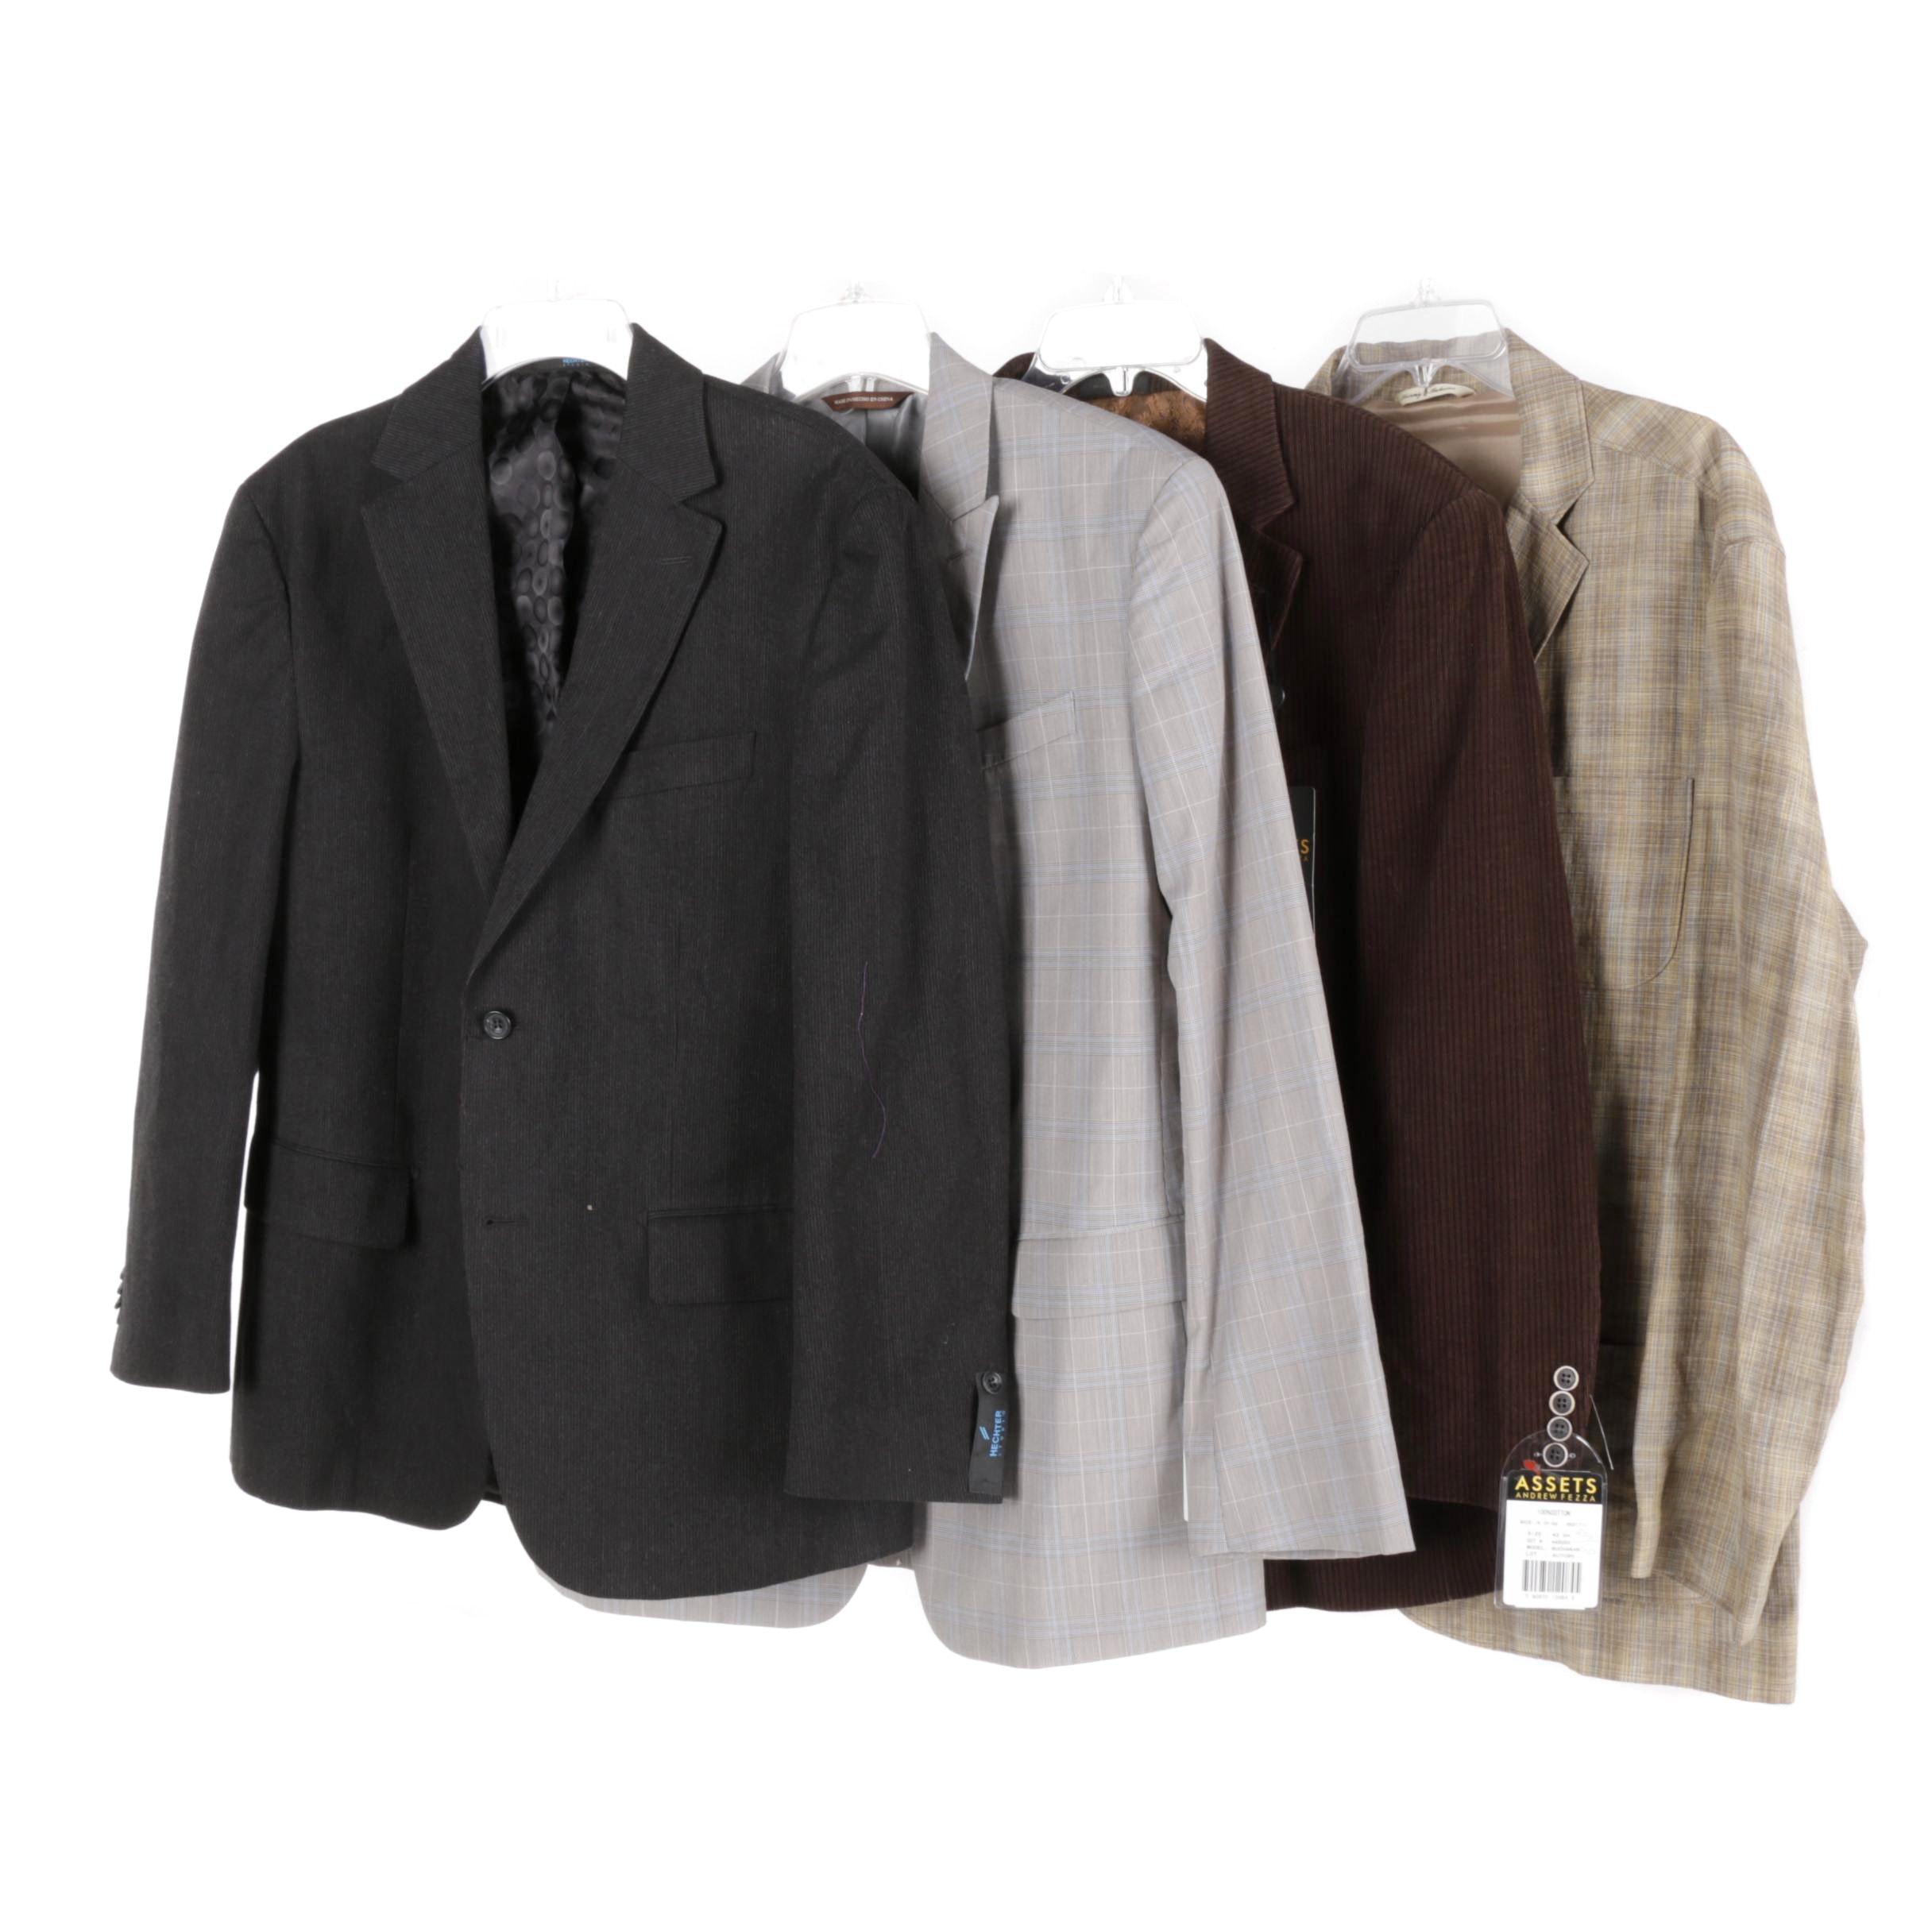 Men's Suit Jackets Including Perry Ellis